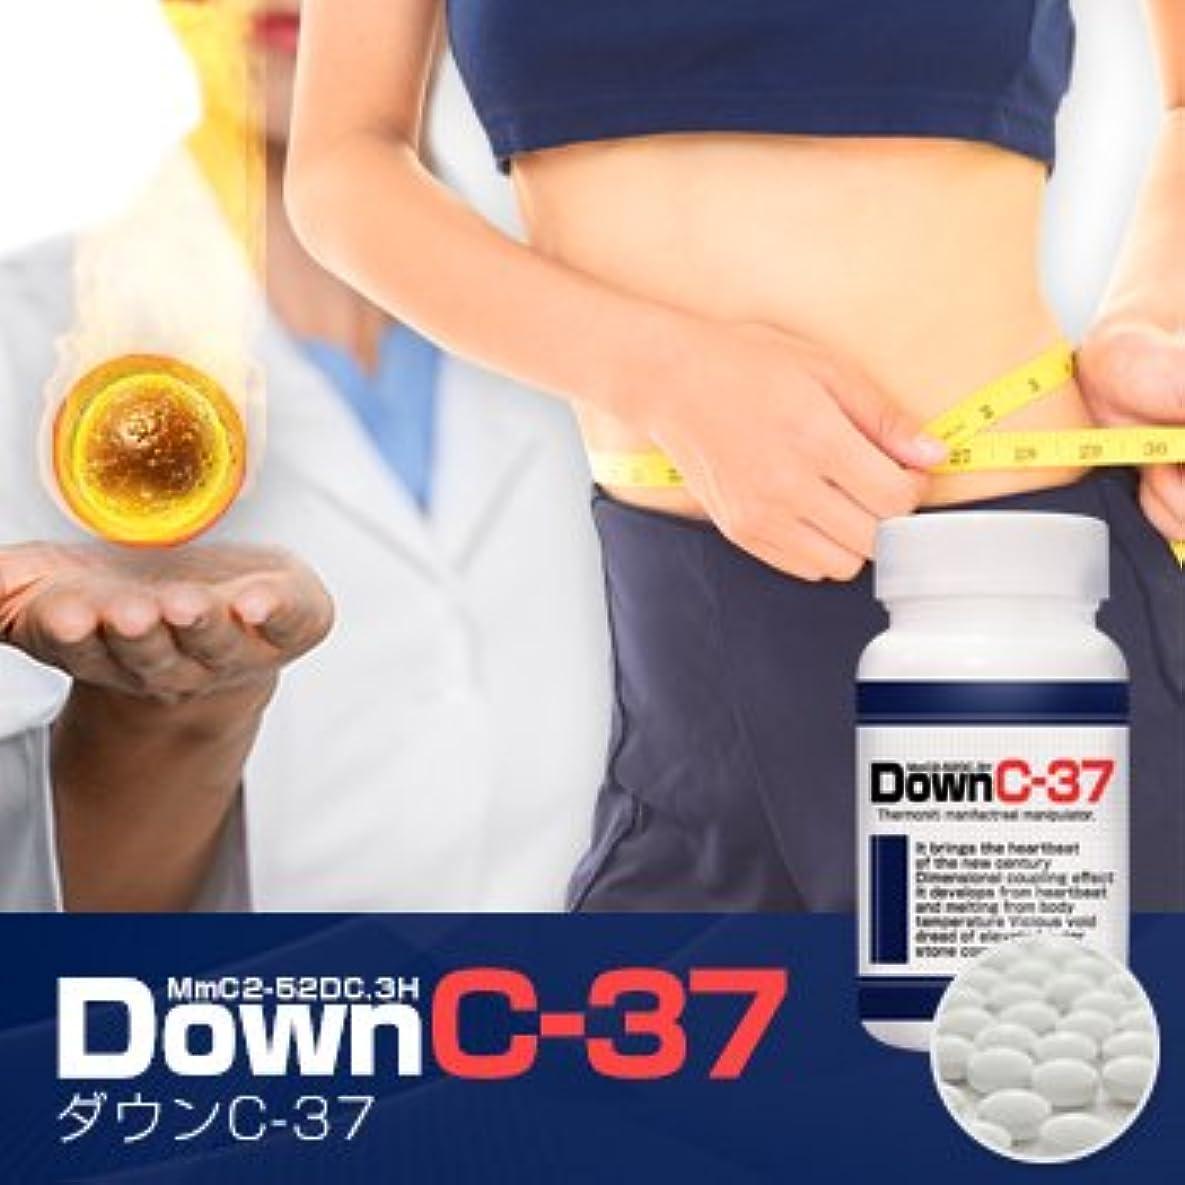 信じる旋回見ましたDownC-37(ダウンシー37)